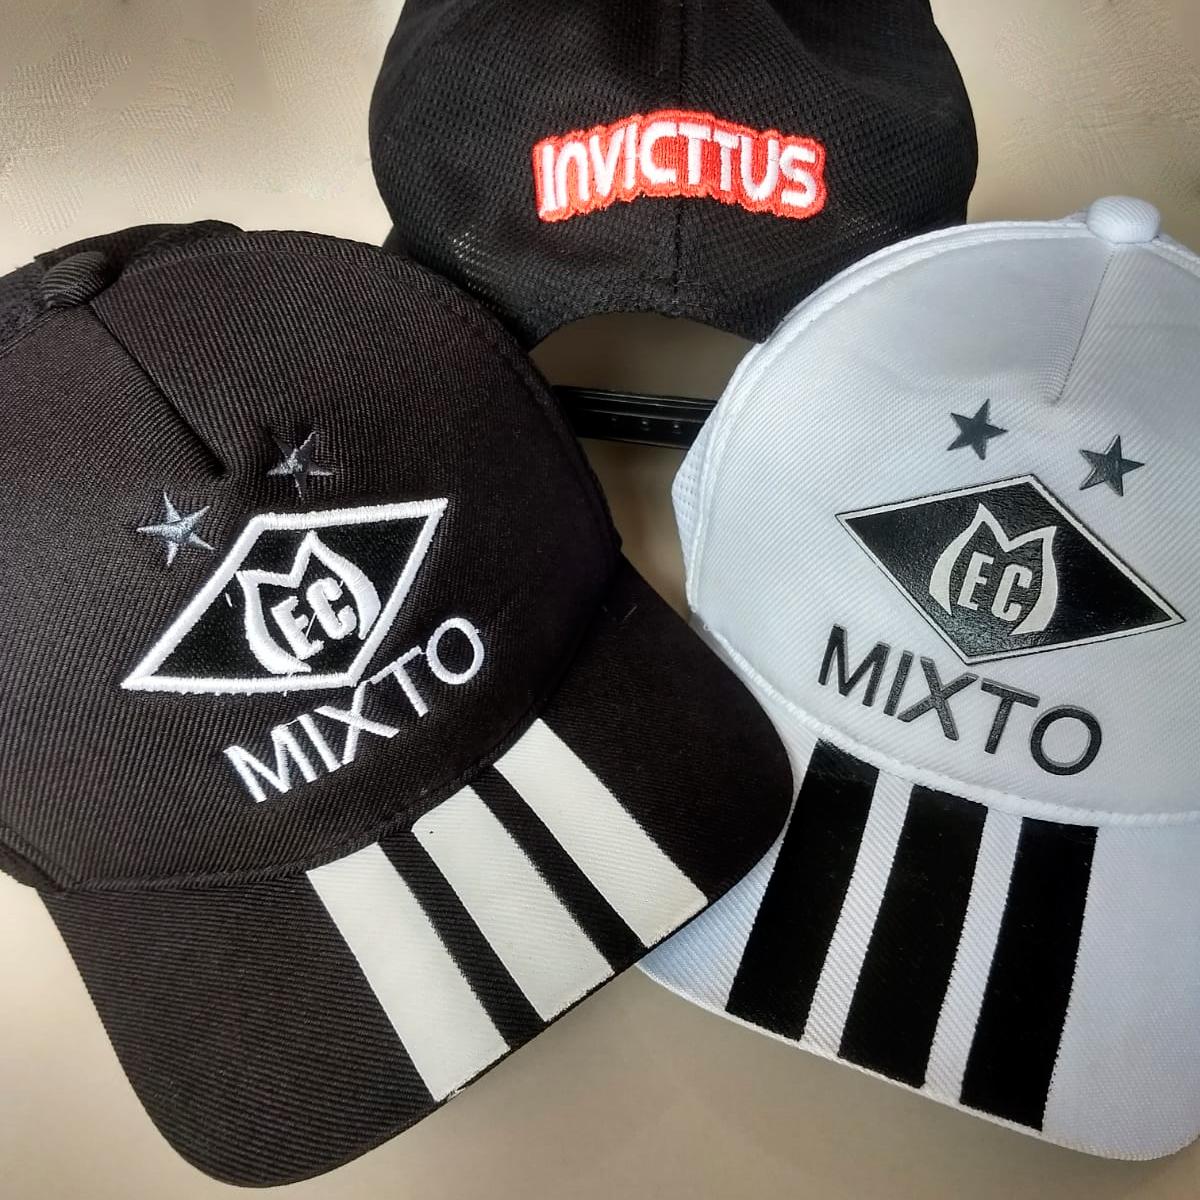 Bonés na cor preto e na cor branco oficial do Mixto, marca Invicttus